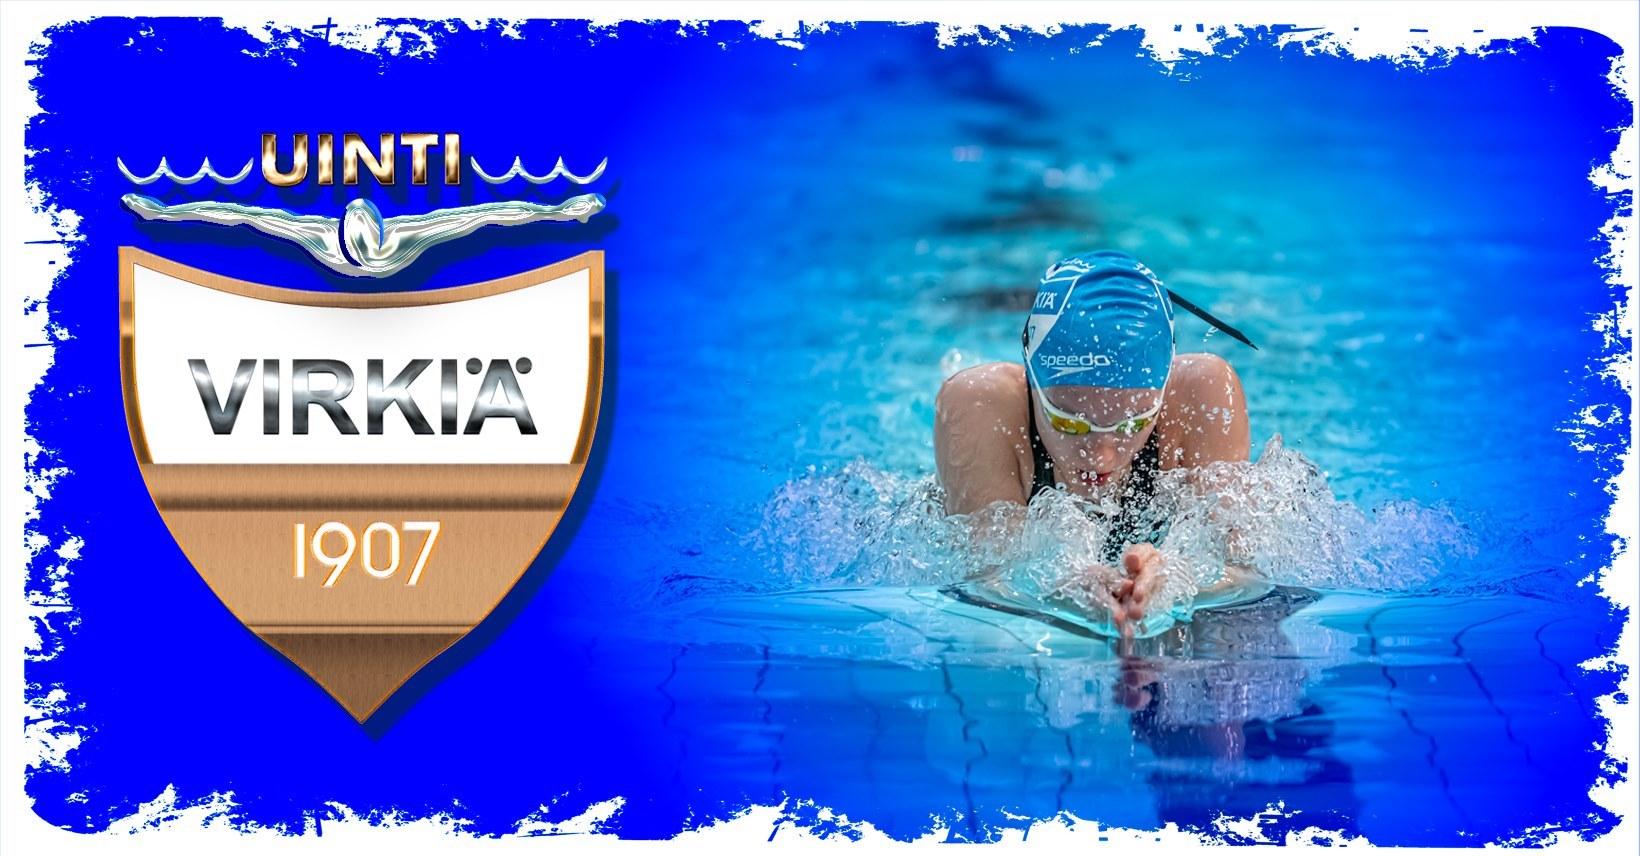 Uimajaoston harjoitukset alkavat 15.8